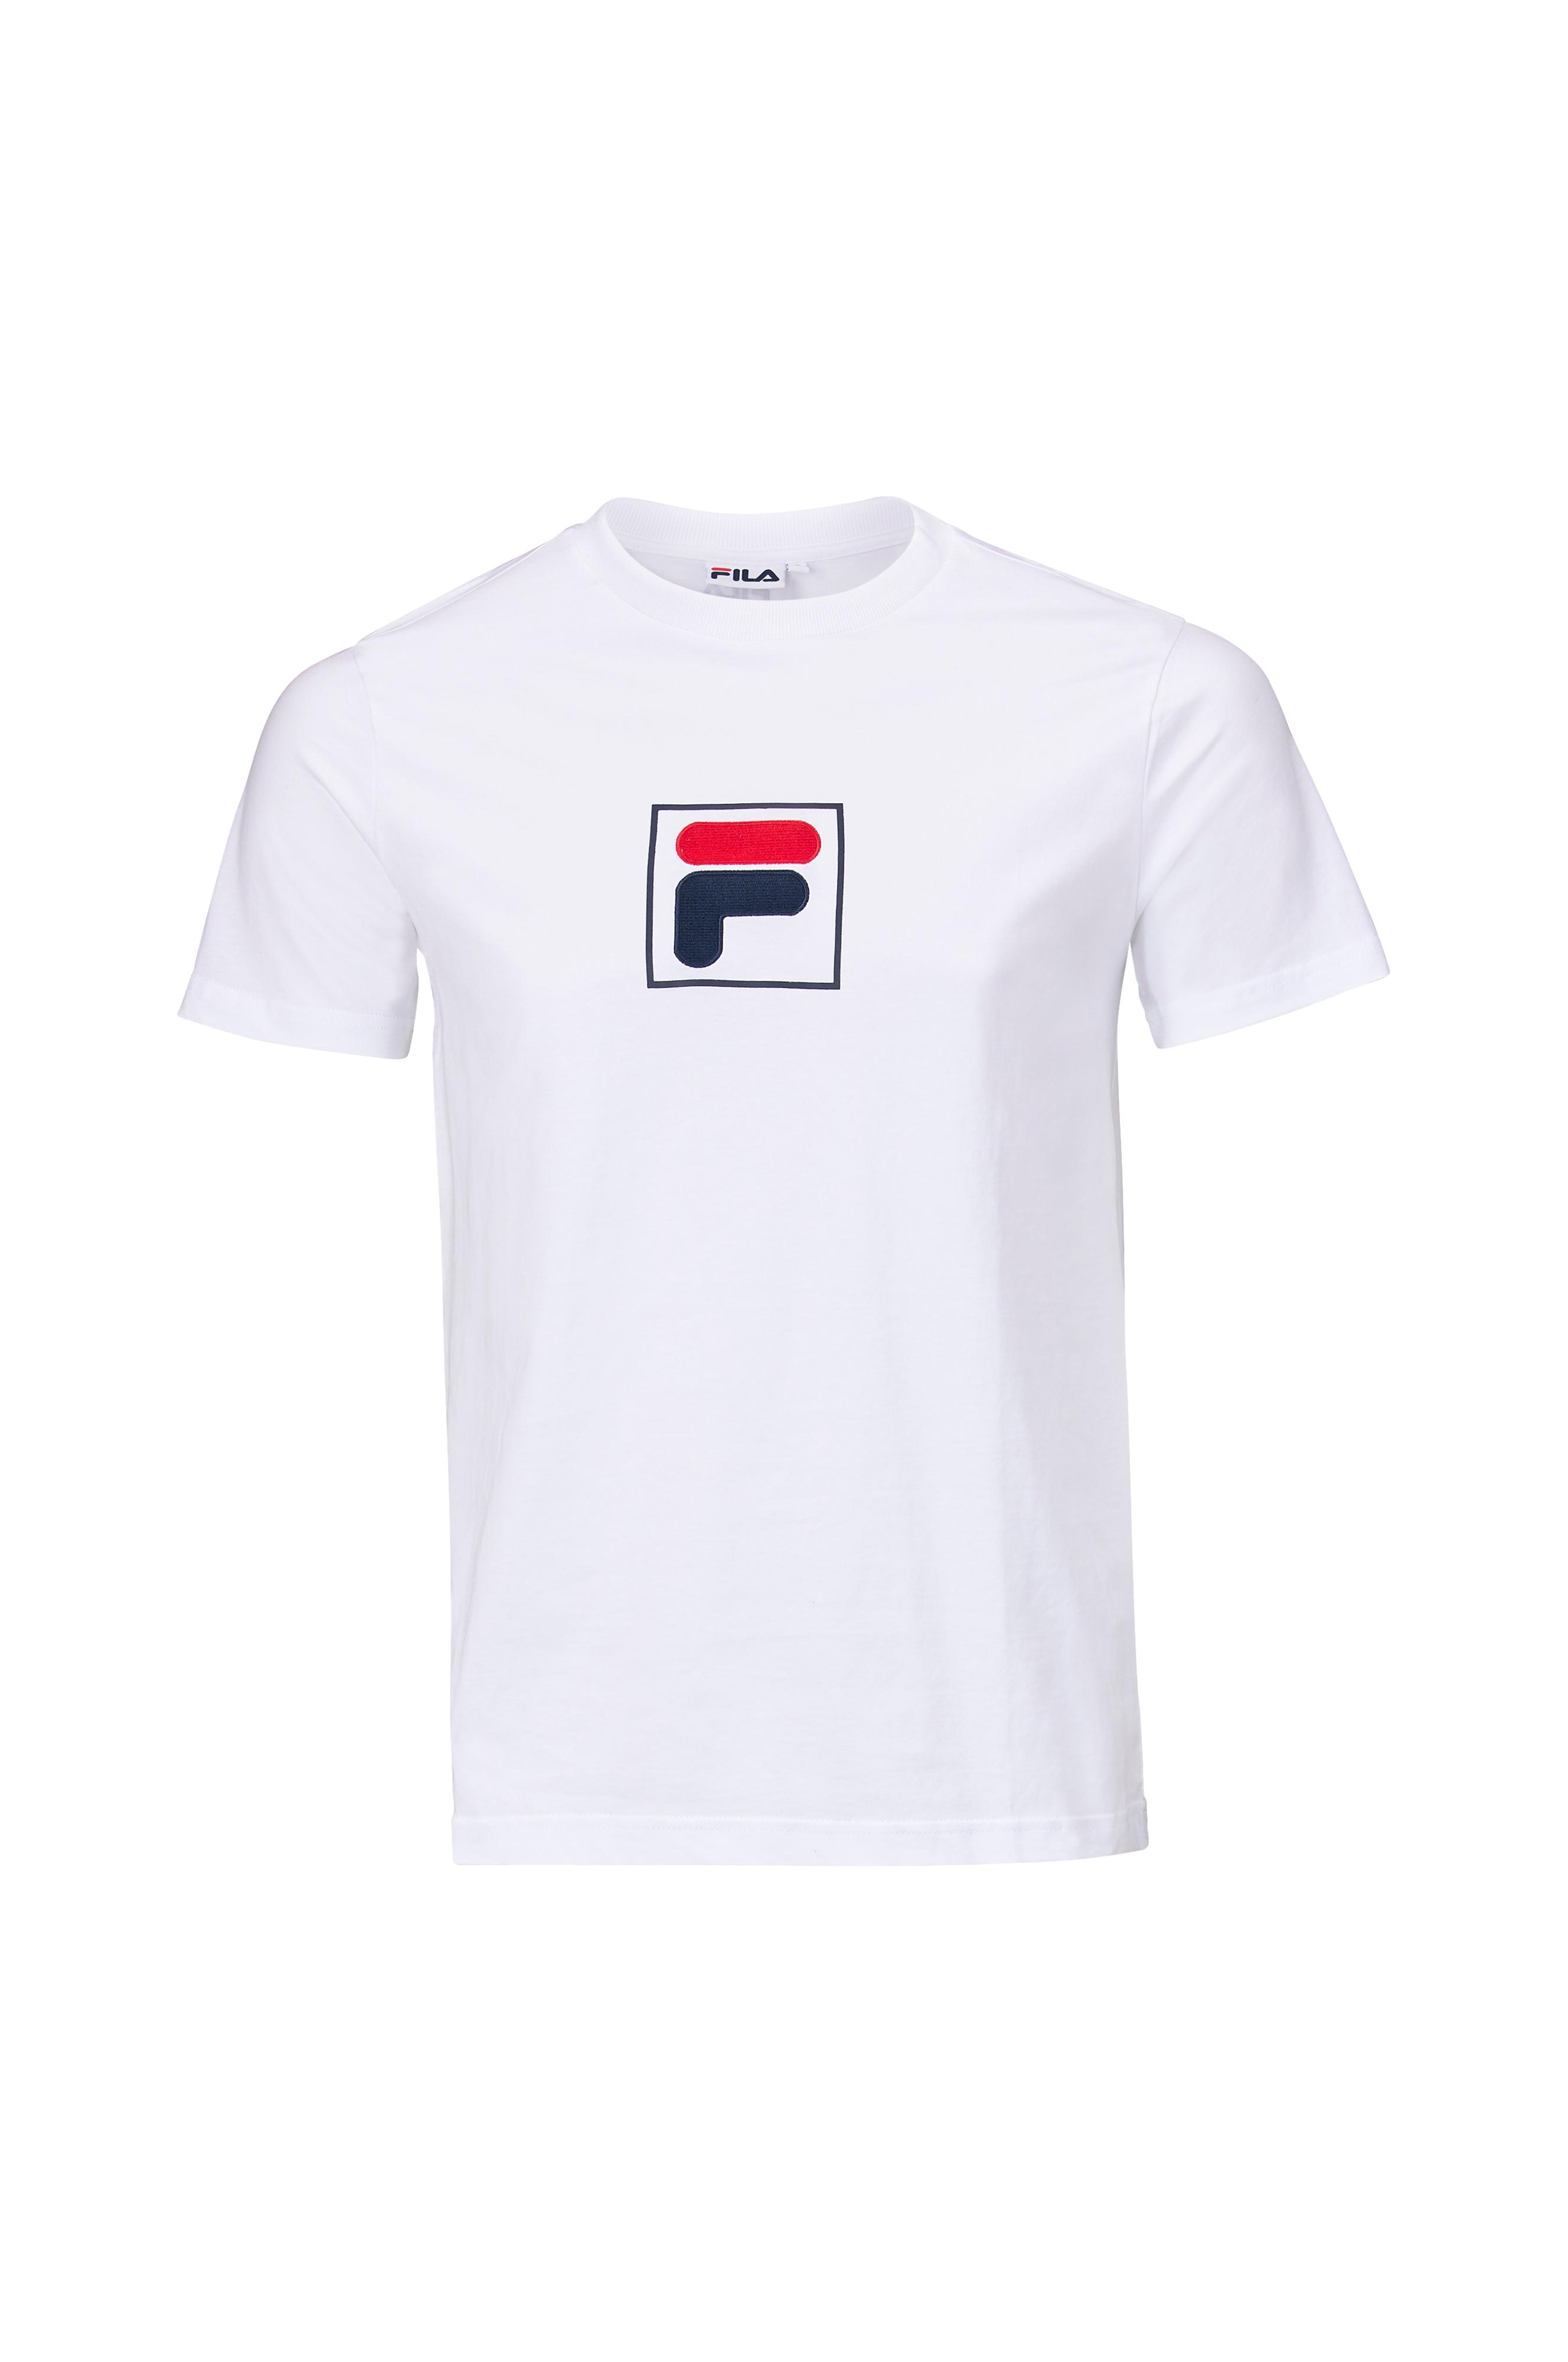 Hvit FILA t shirt | FINN.no